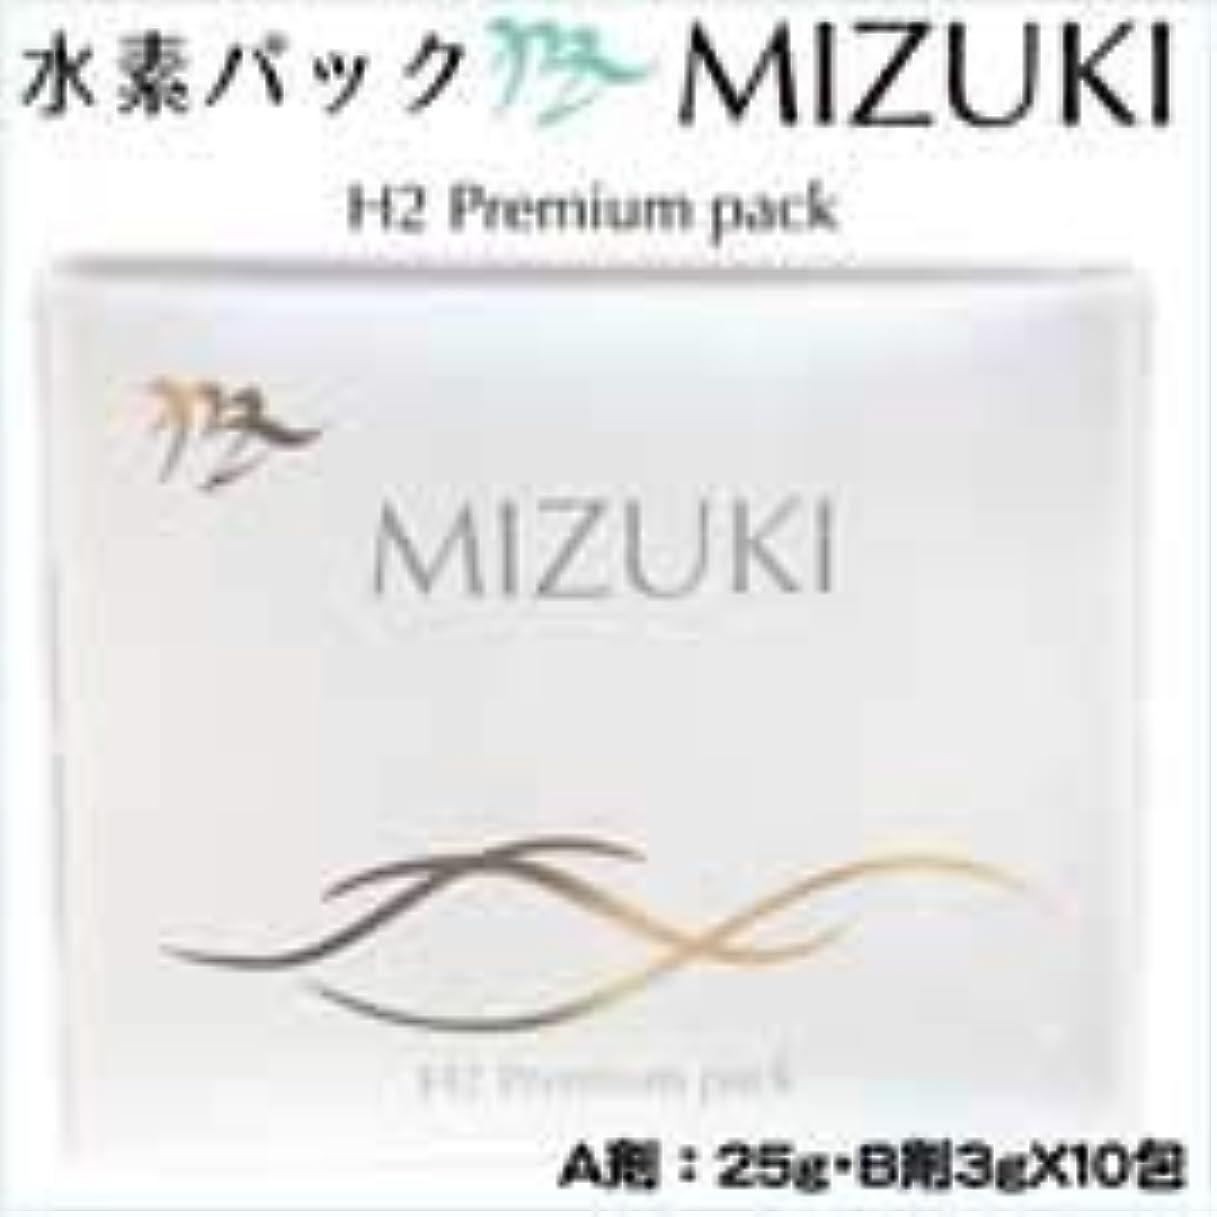 工場作物尊敬MIZUKI H2 Premium pack ミズキ プレミアムパック A剤:25g、B剤:3gX10包 スパチュラ付き